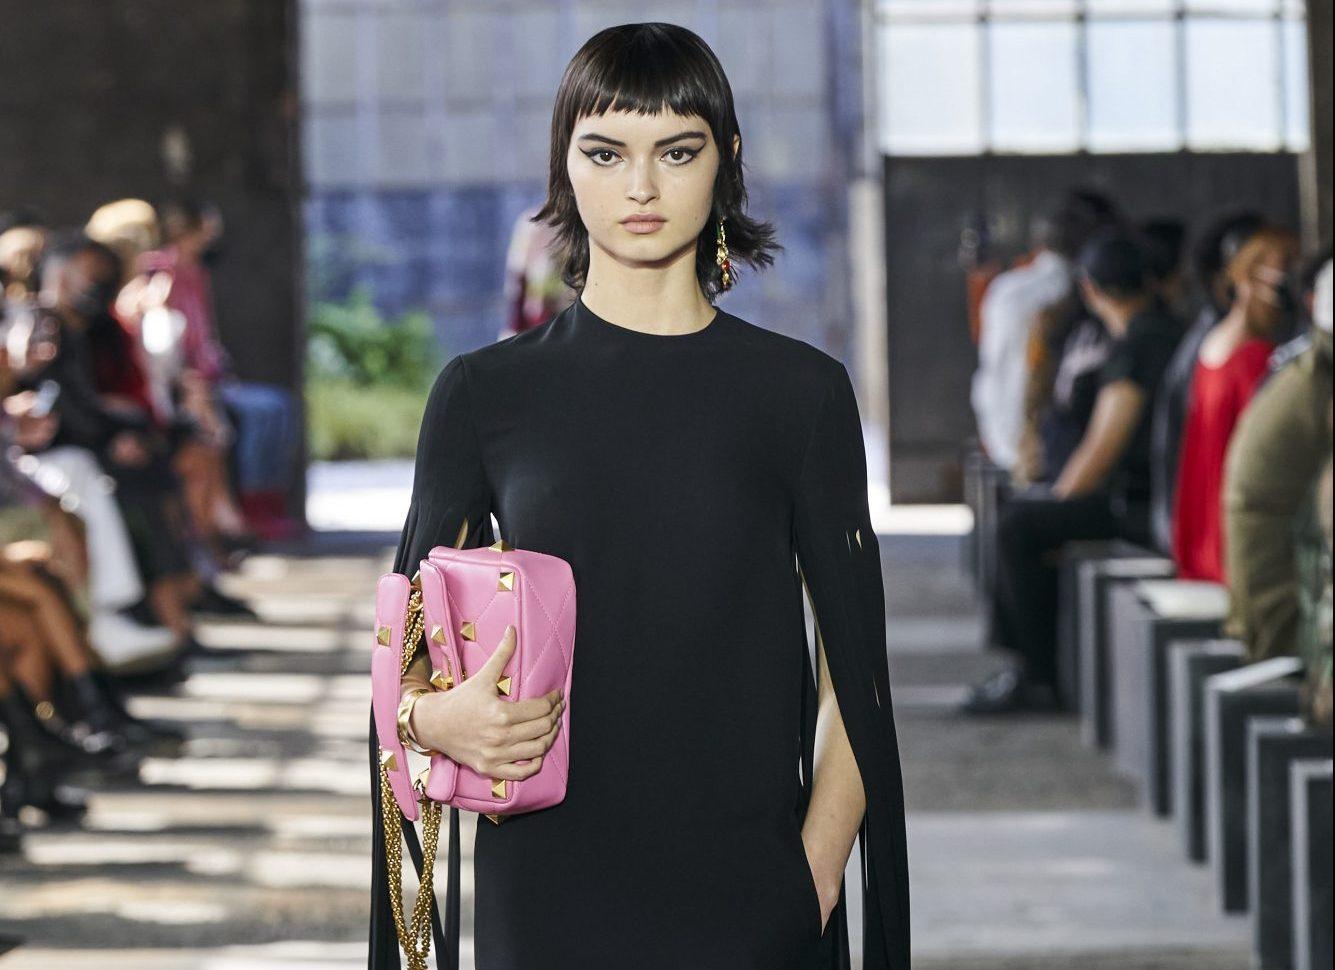 Αυτά τα 10 καλοκαιρινά, μαύρα φορέματα μόνο βαρετά δεν τα λες Ανεξαρτήτως της θερμοκρασίας, το μαύρο φόρεμα πάντα στο πλεύρο σου, έτοιμο να σου λύσει τα χέρια.